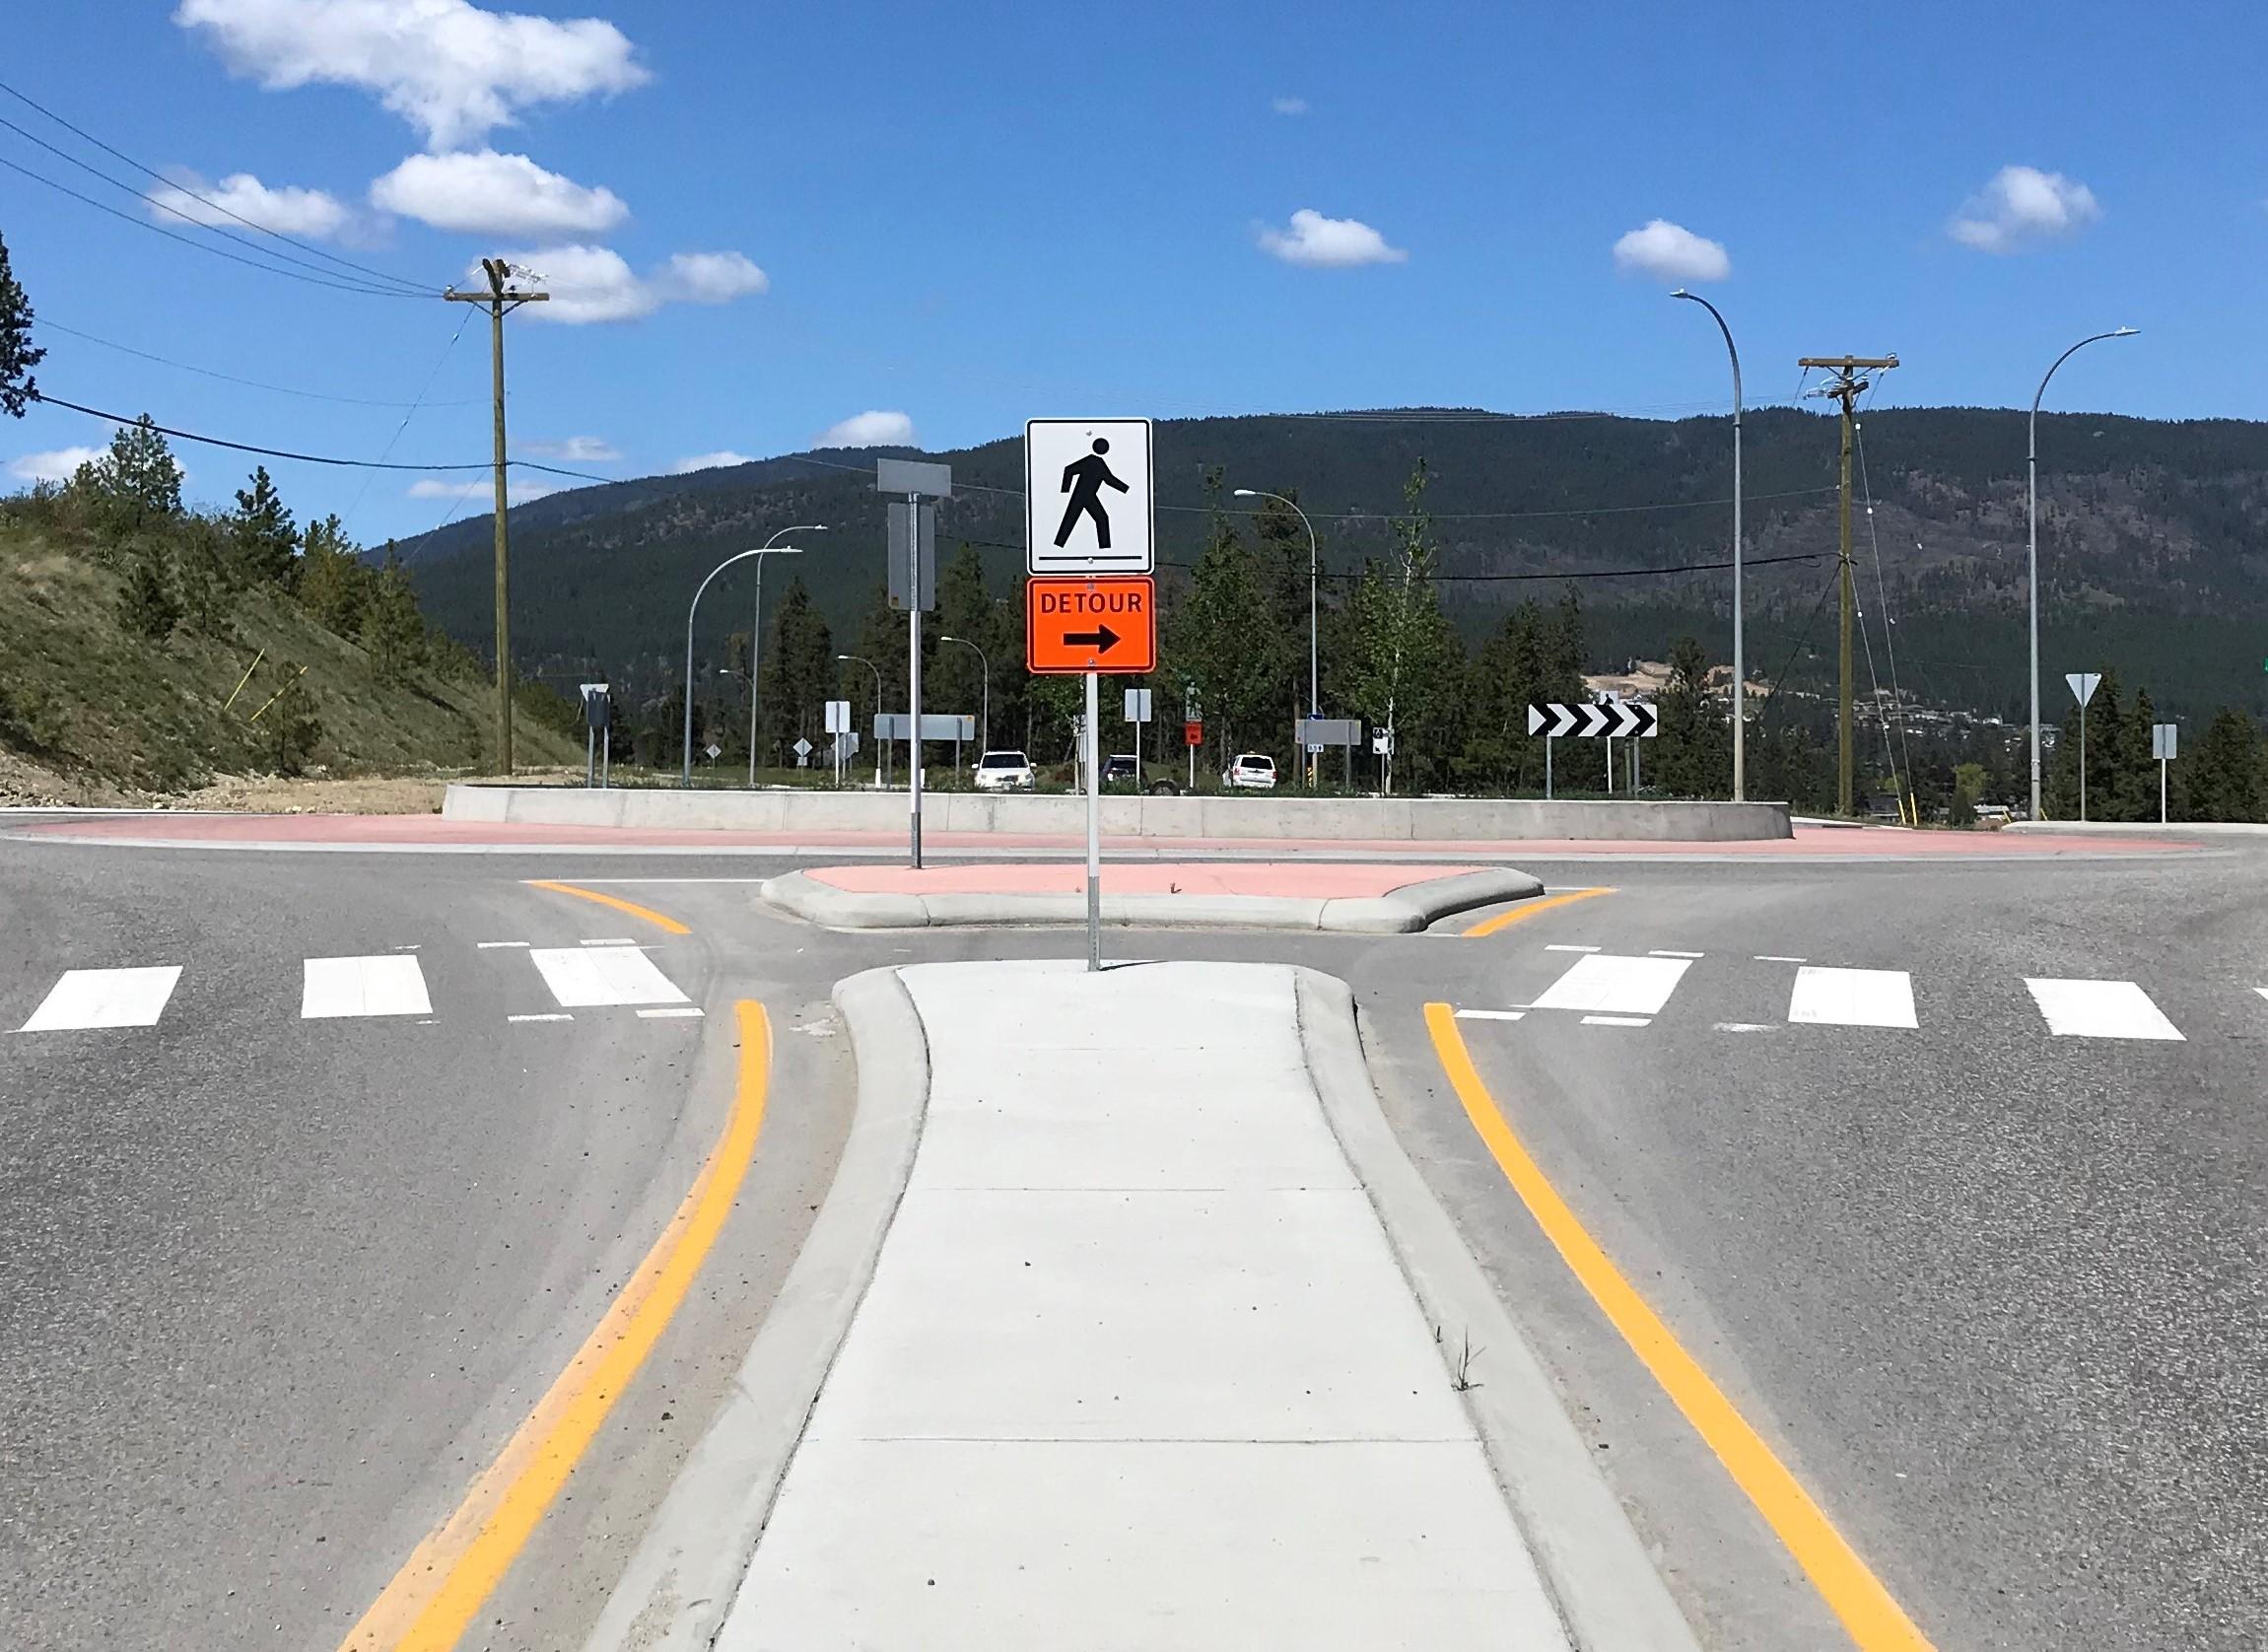 Detour signs on Glenrosa Road